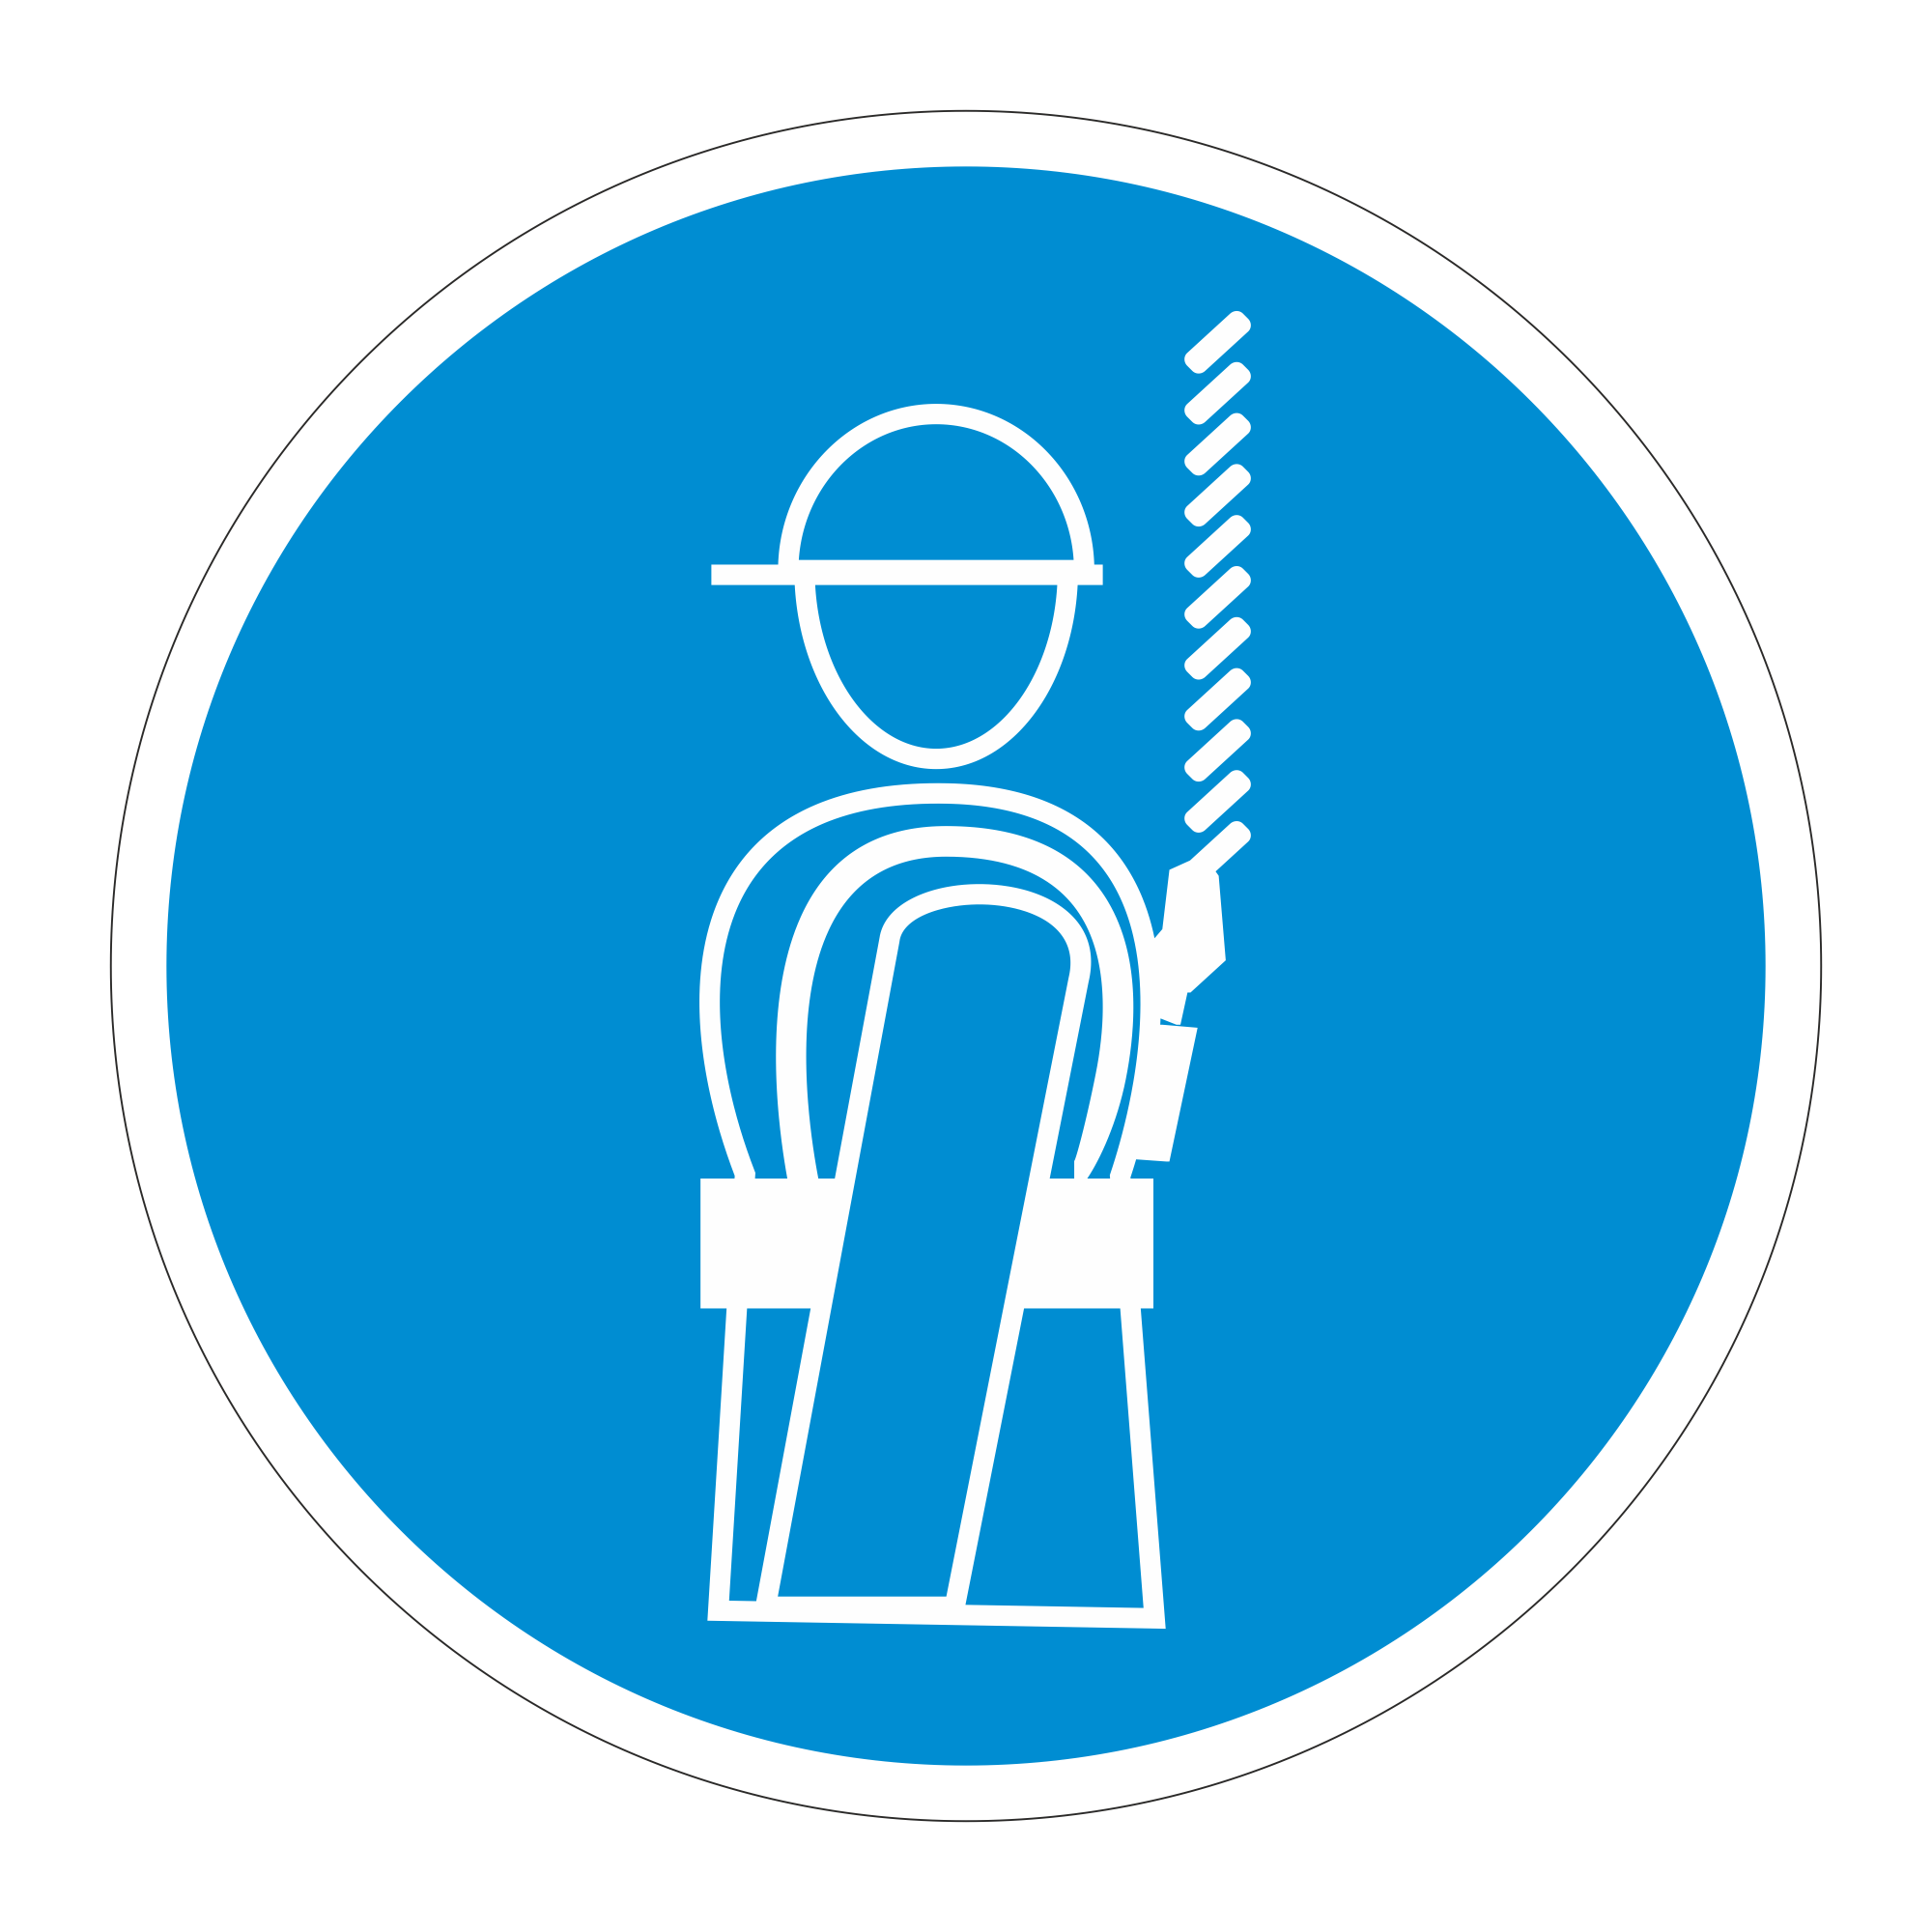 М09 Работать в предохранительном (страховочном) поясе